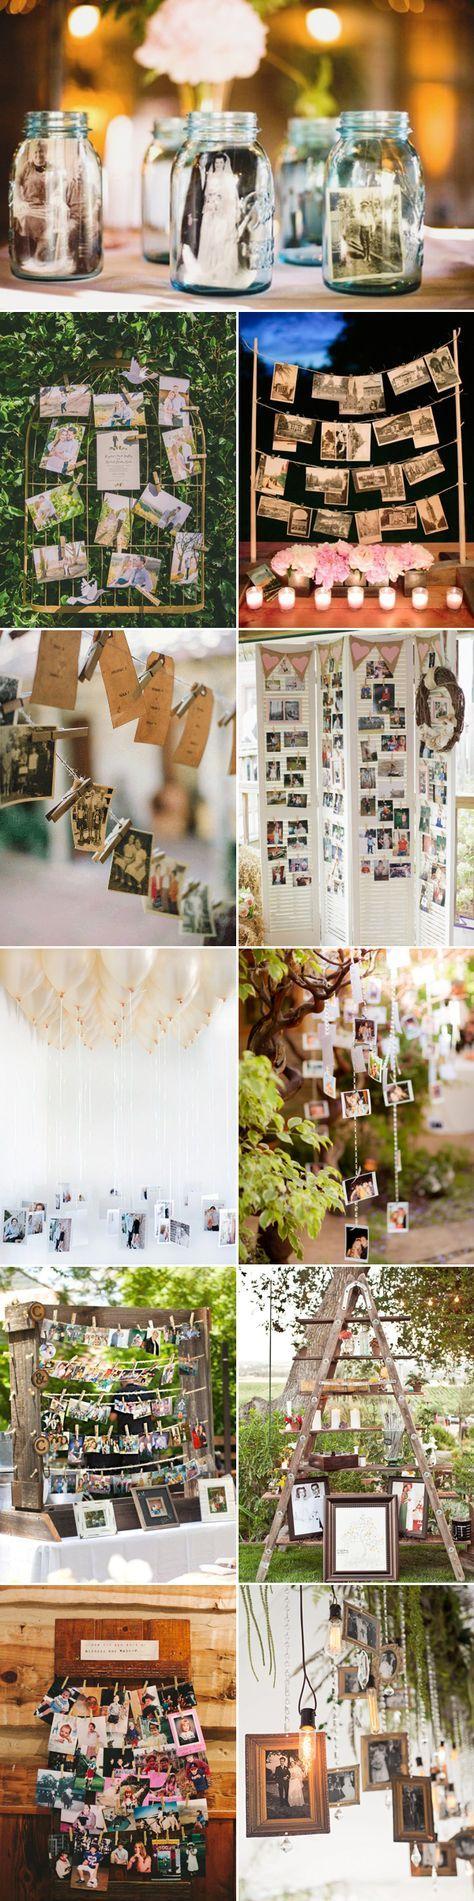 Plusieurs façons d'afficher les membres de vos deux familles pendant votre cérémonie